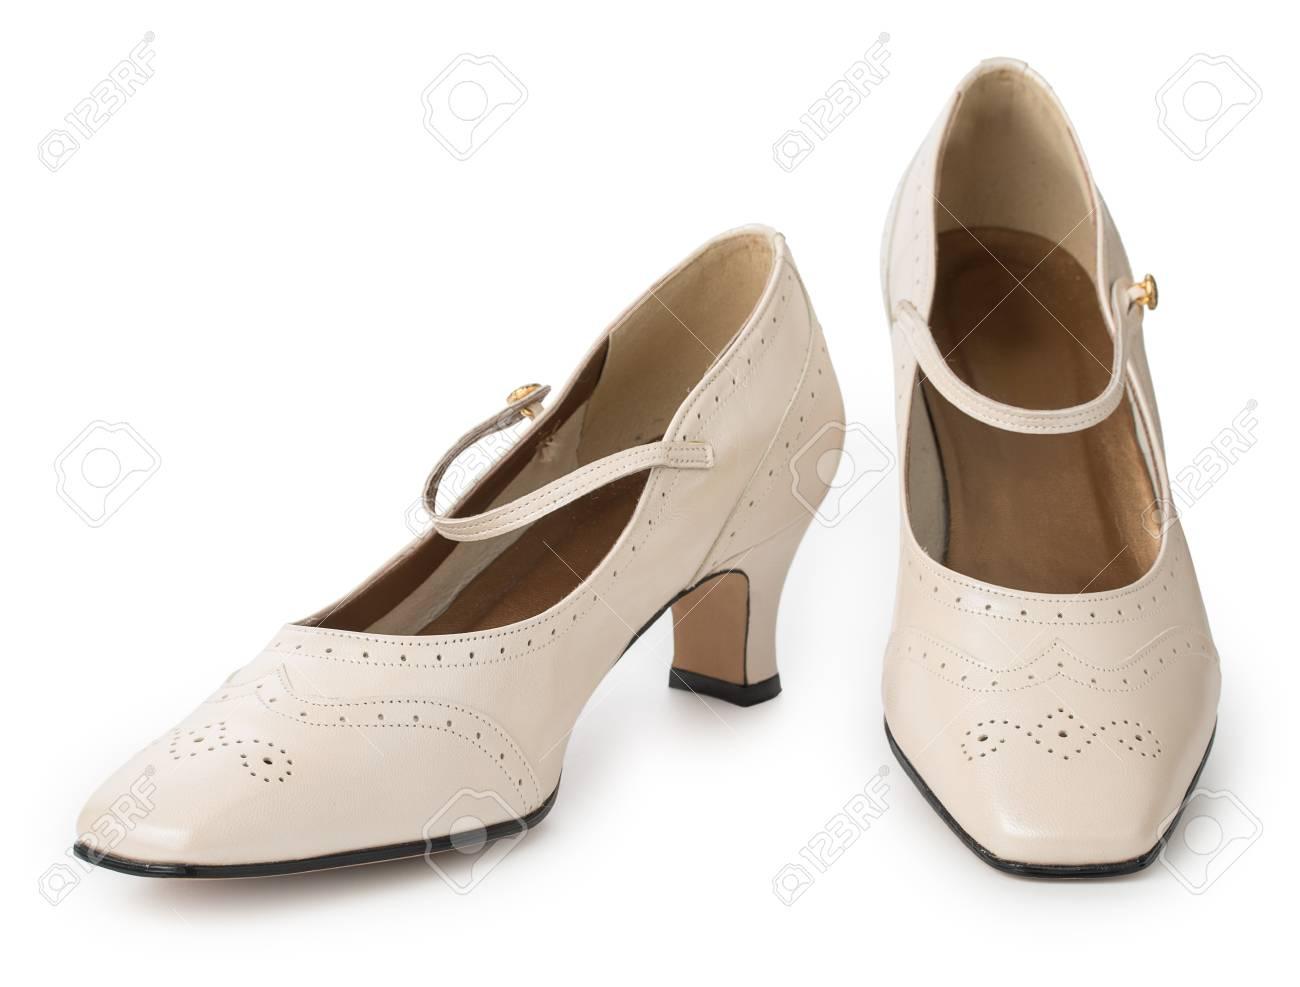 0f5be616e5e4 Banque d images - Paire de chaussures femme à talons beiges isolés sur un  fond blanc. Cuir véritable